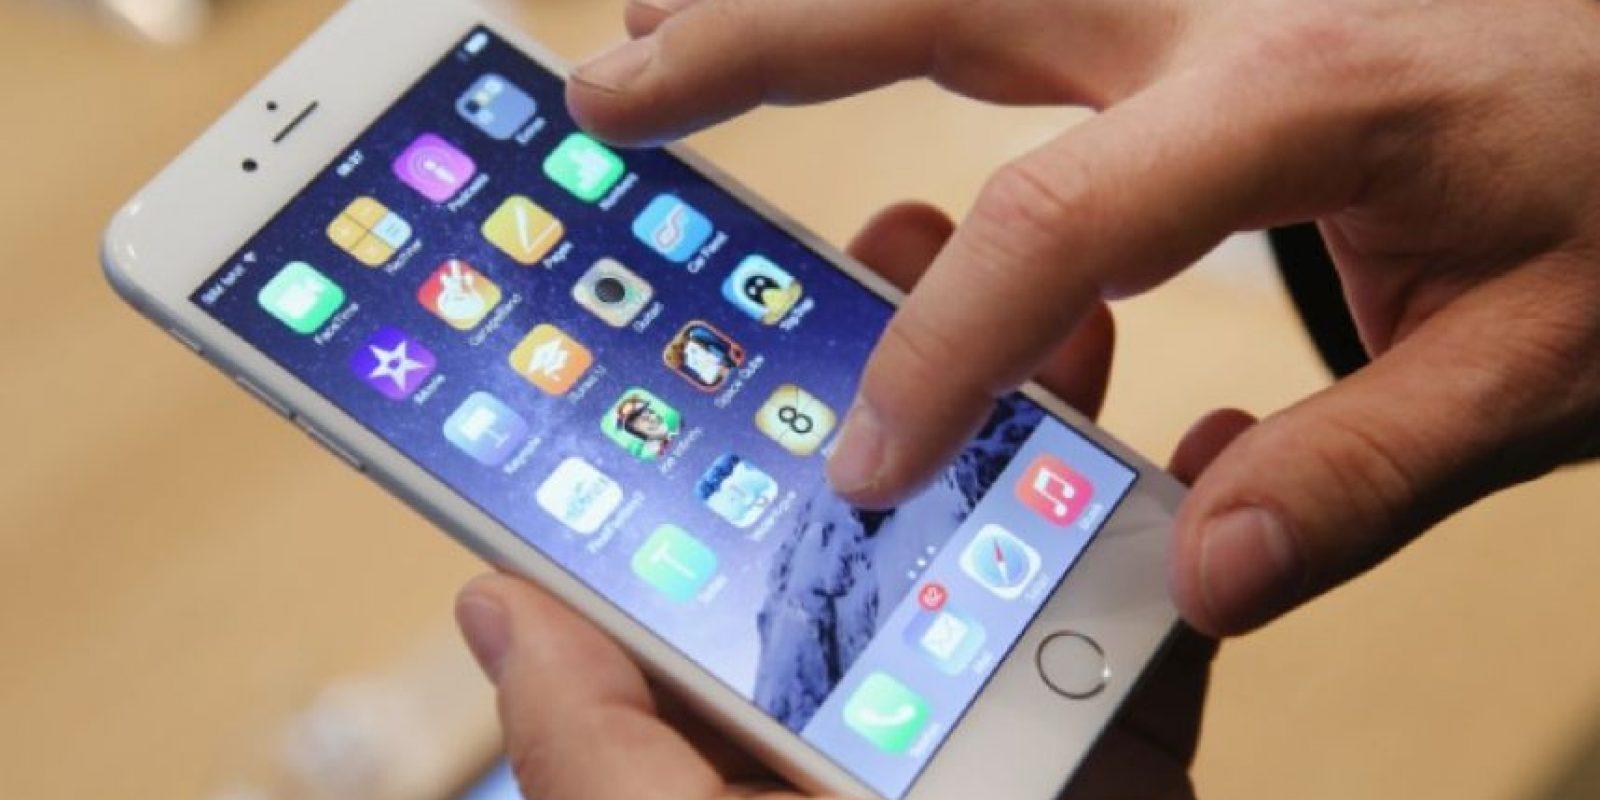 Las suscripciones, uno de los gastos más fuertes de los adictos a las apps. Foto:Getty Images